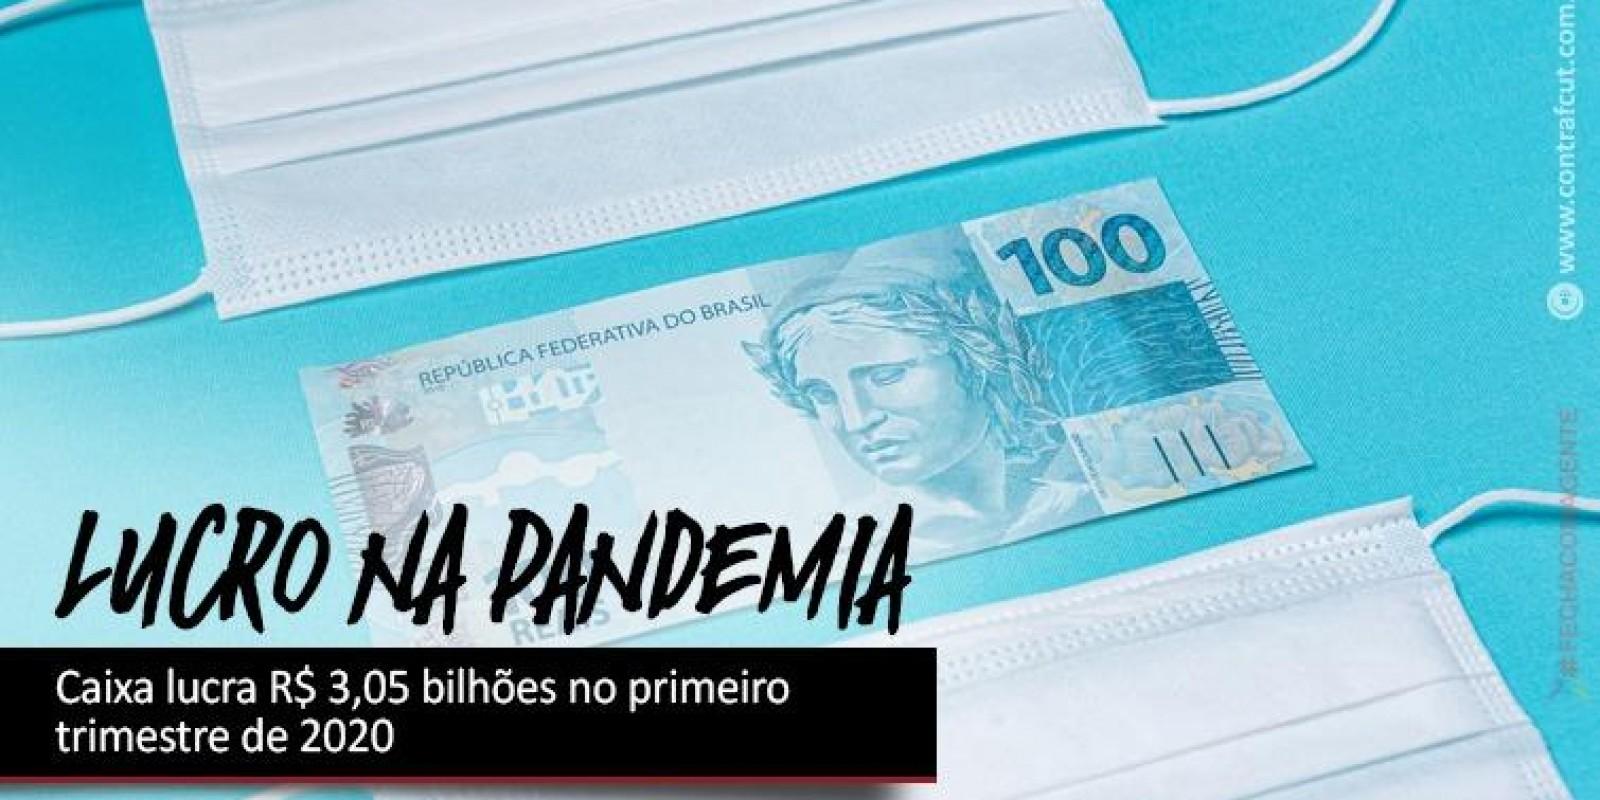 Caixa lucra R$ 3,05 bilhões no primeiro trimestre de 2020